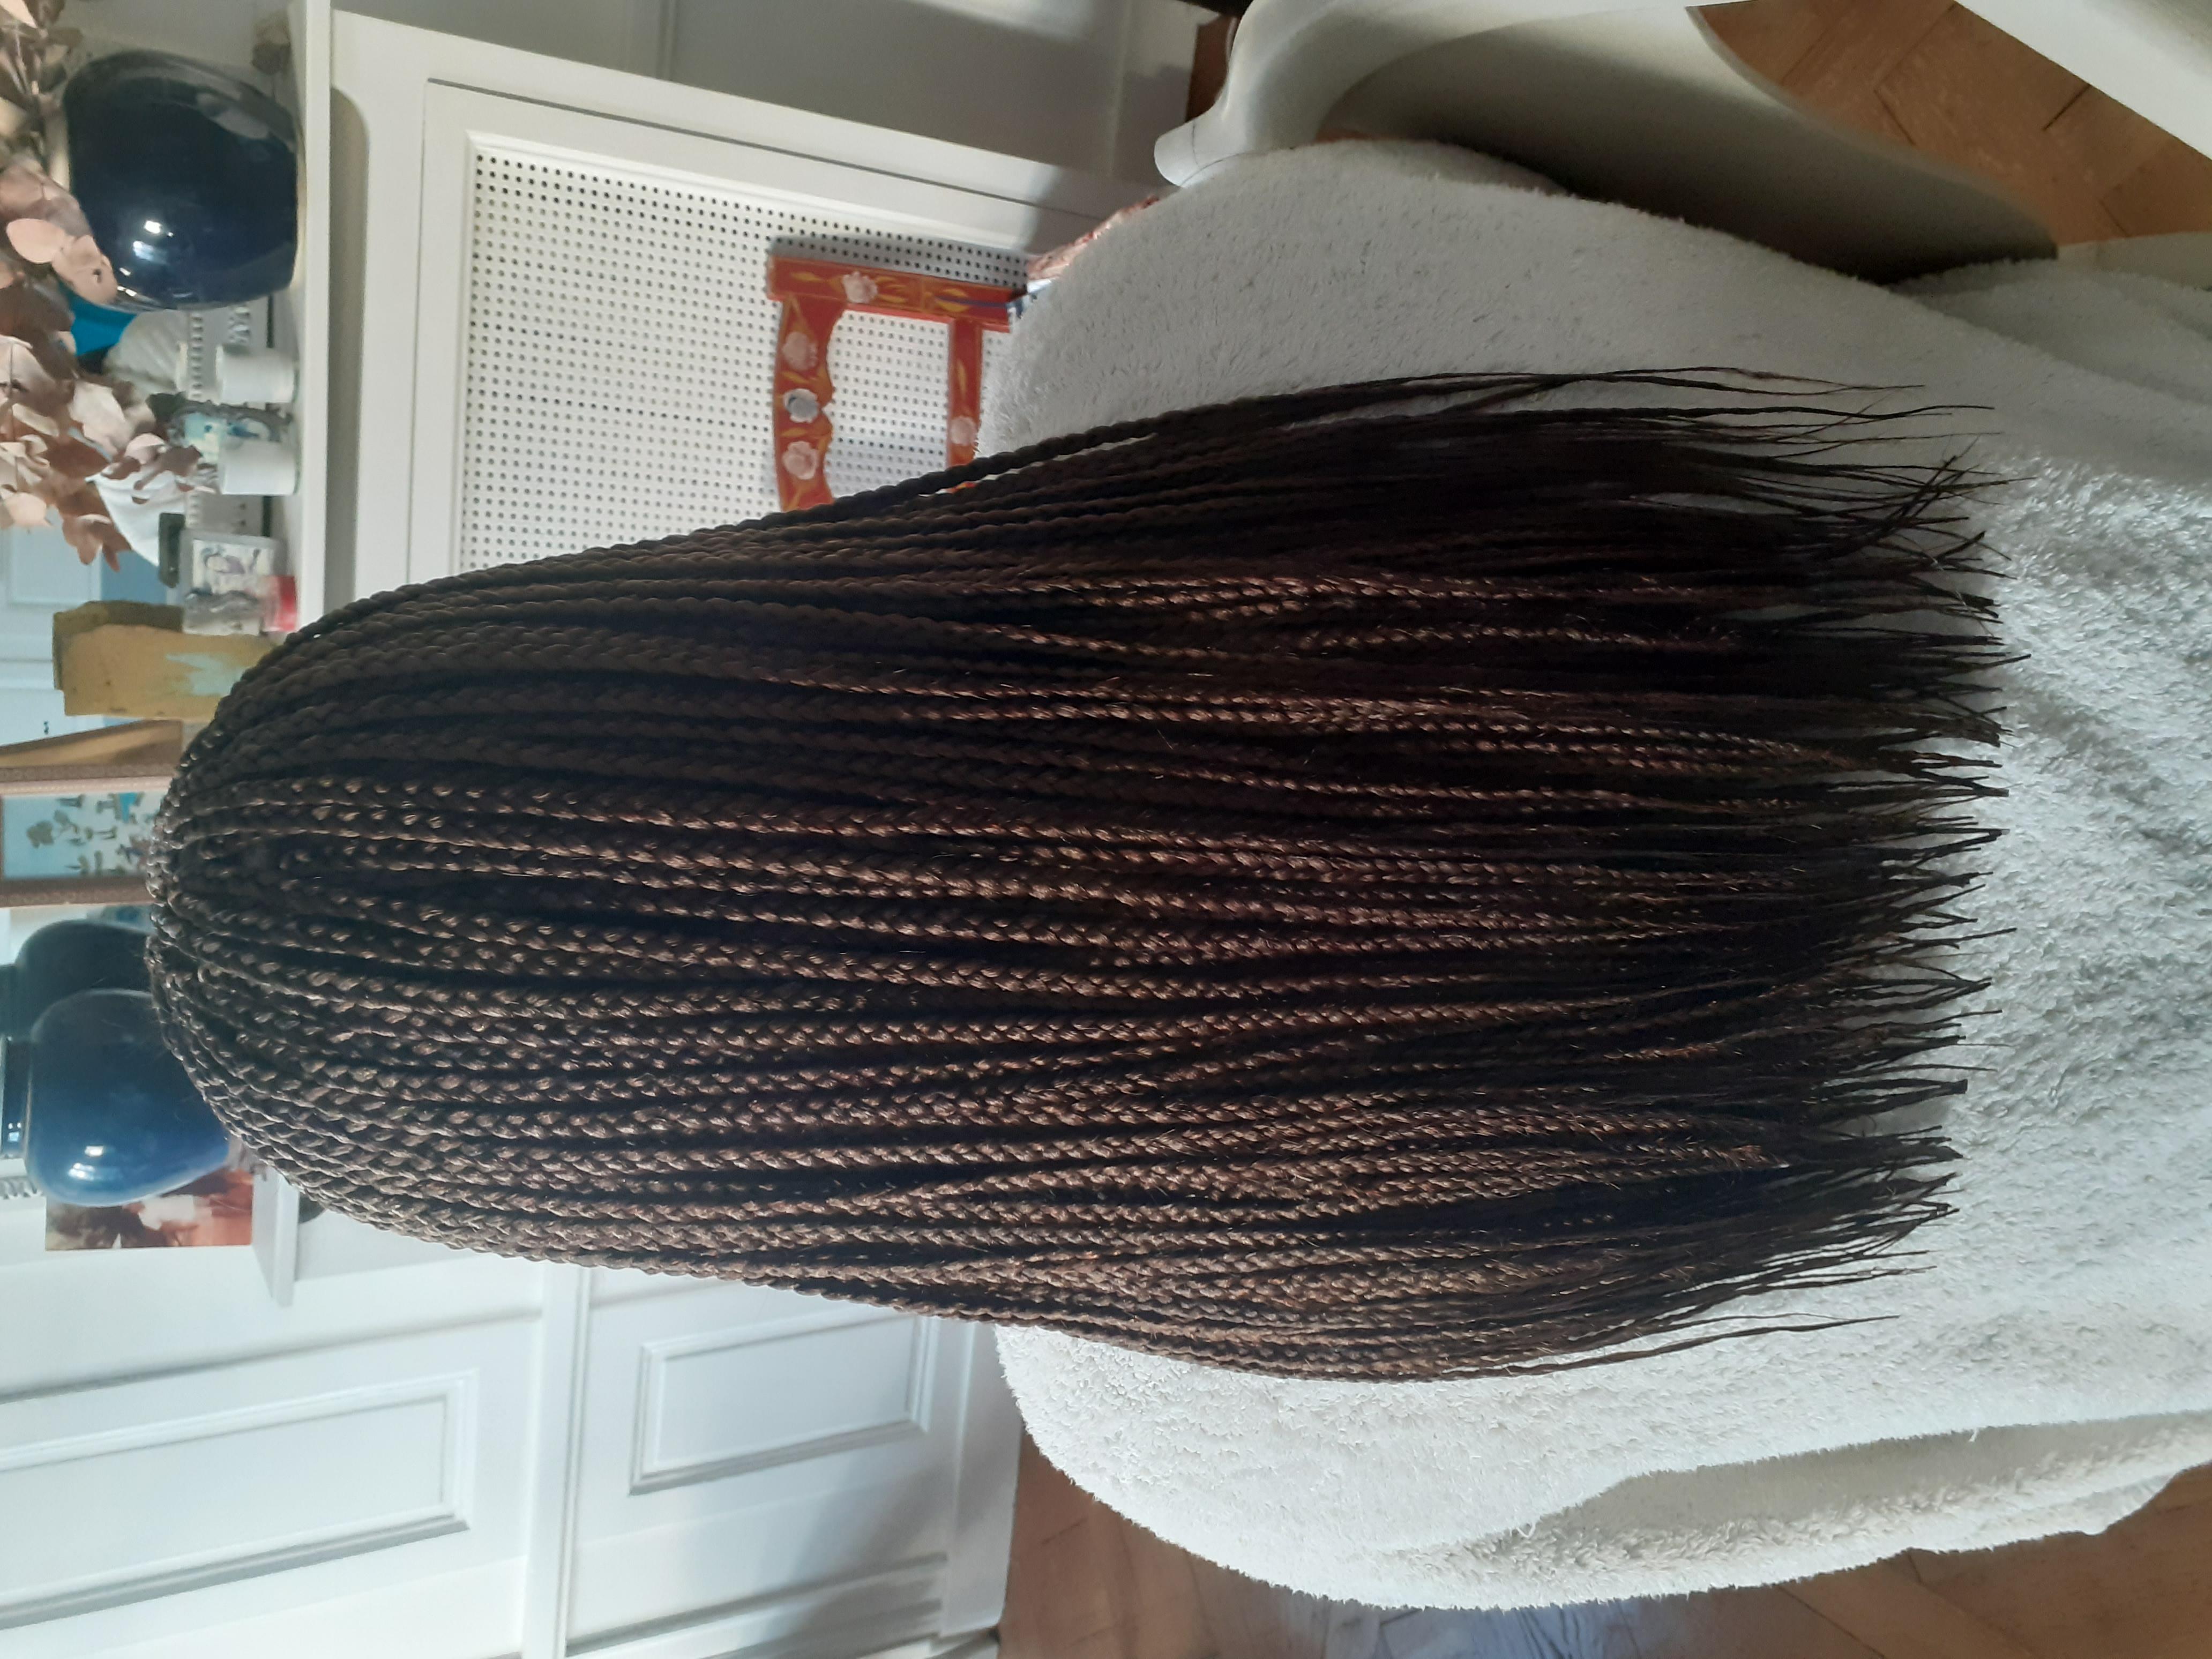 salon de coiffure afro tresse tresses box braids crochet braids vanilles tissages paris 75 77 78 91 92 93 94 95 BDNIOZTG